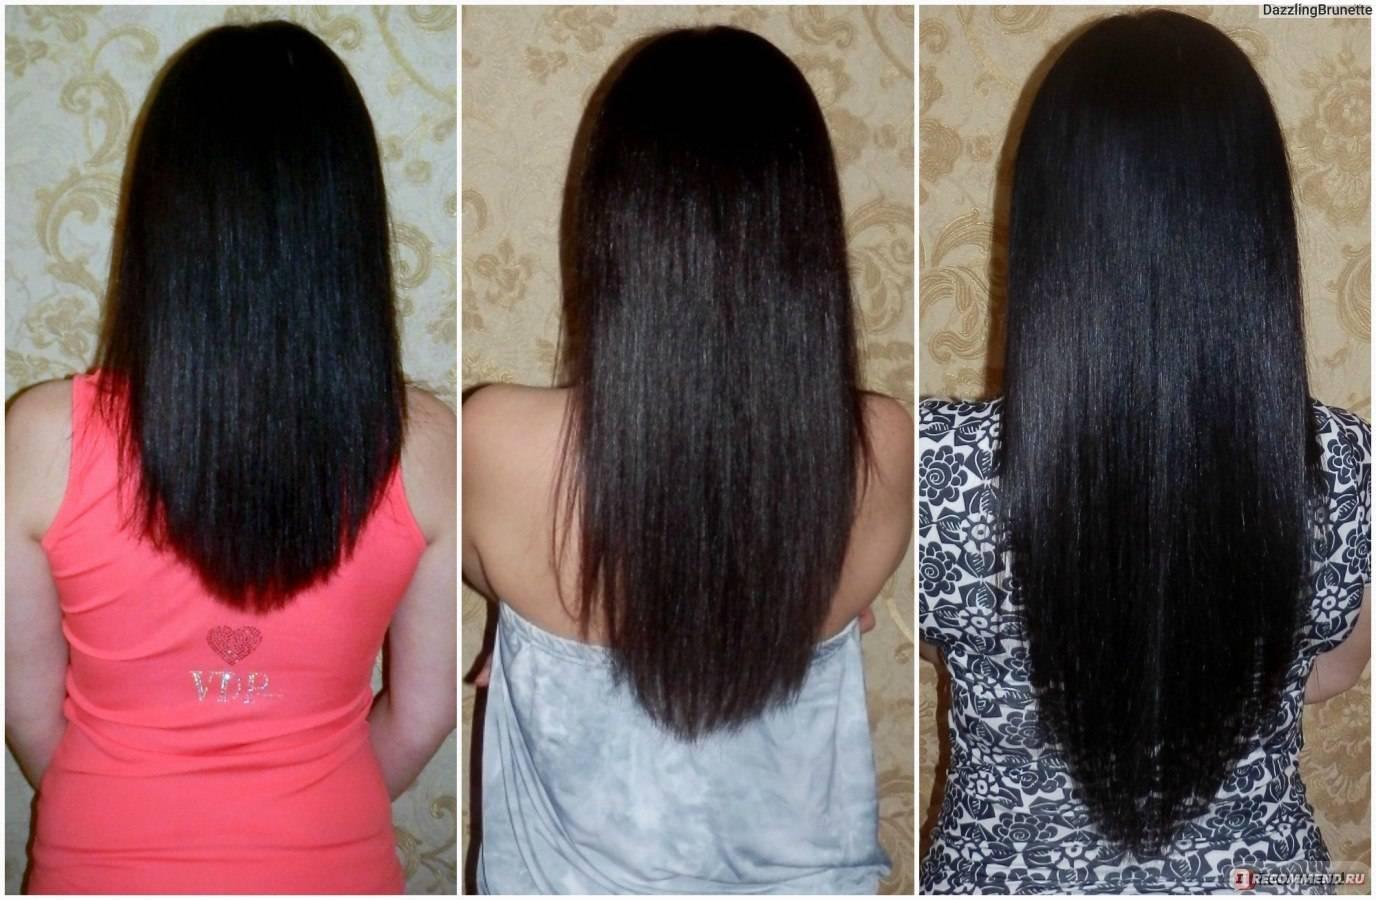 Расскажем на сколько отрастают волосы за год: факторы влияющие на скорость роста, 8 золотых правил как отрастить локоны за год